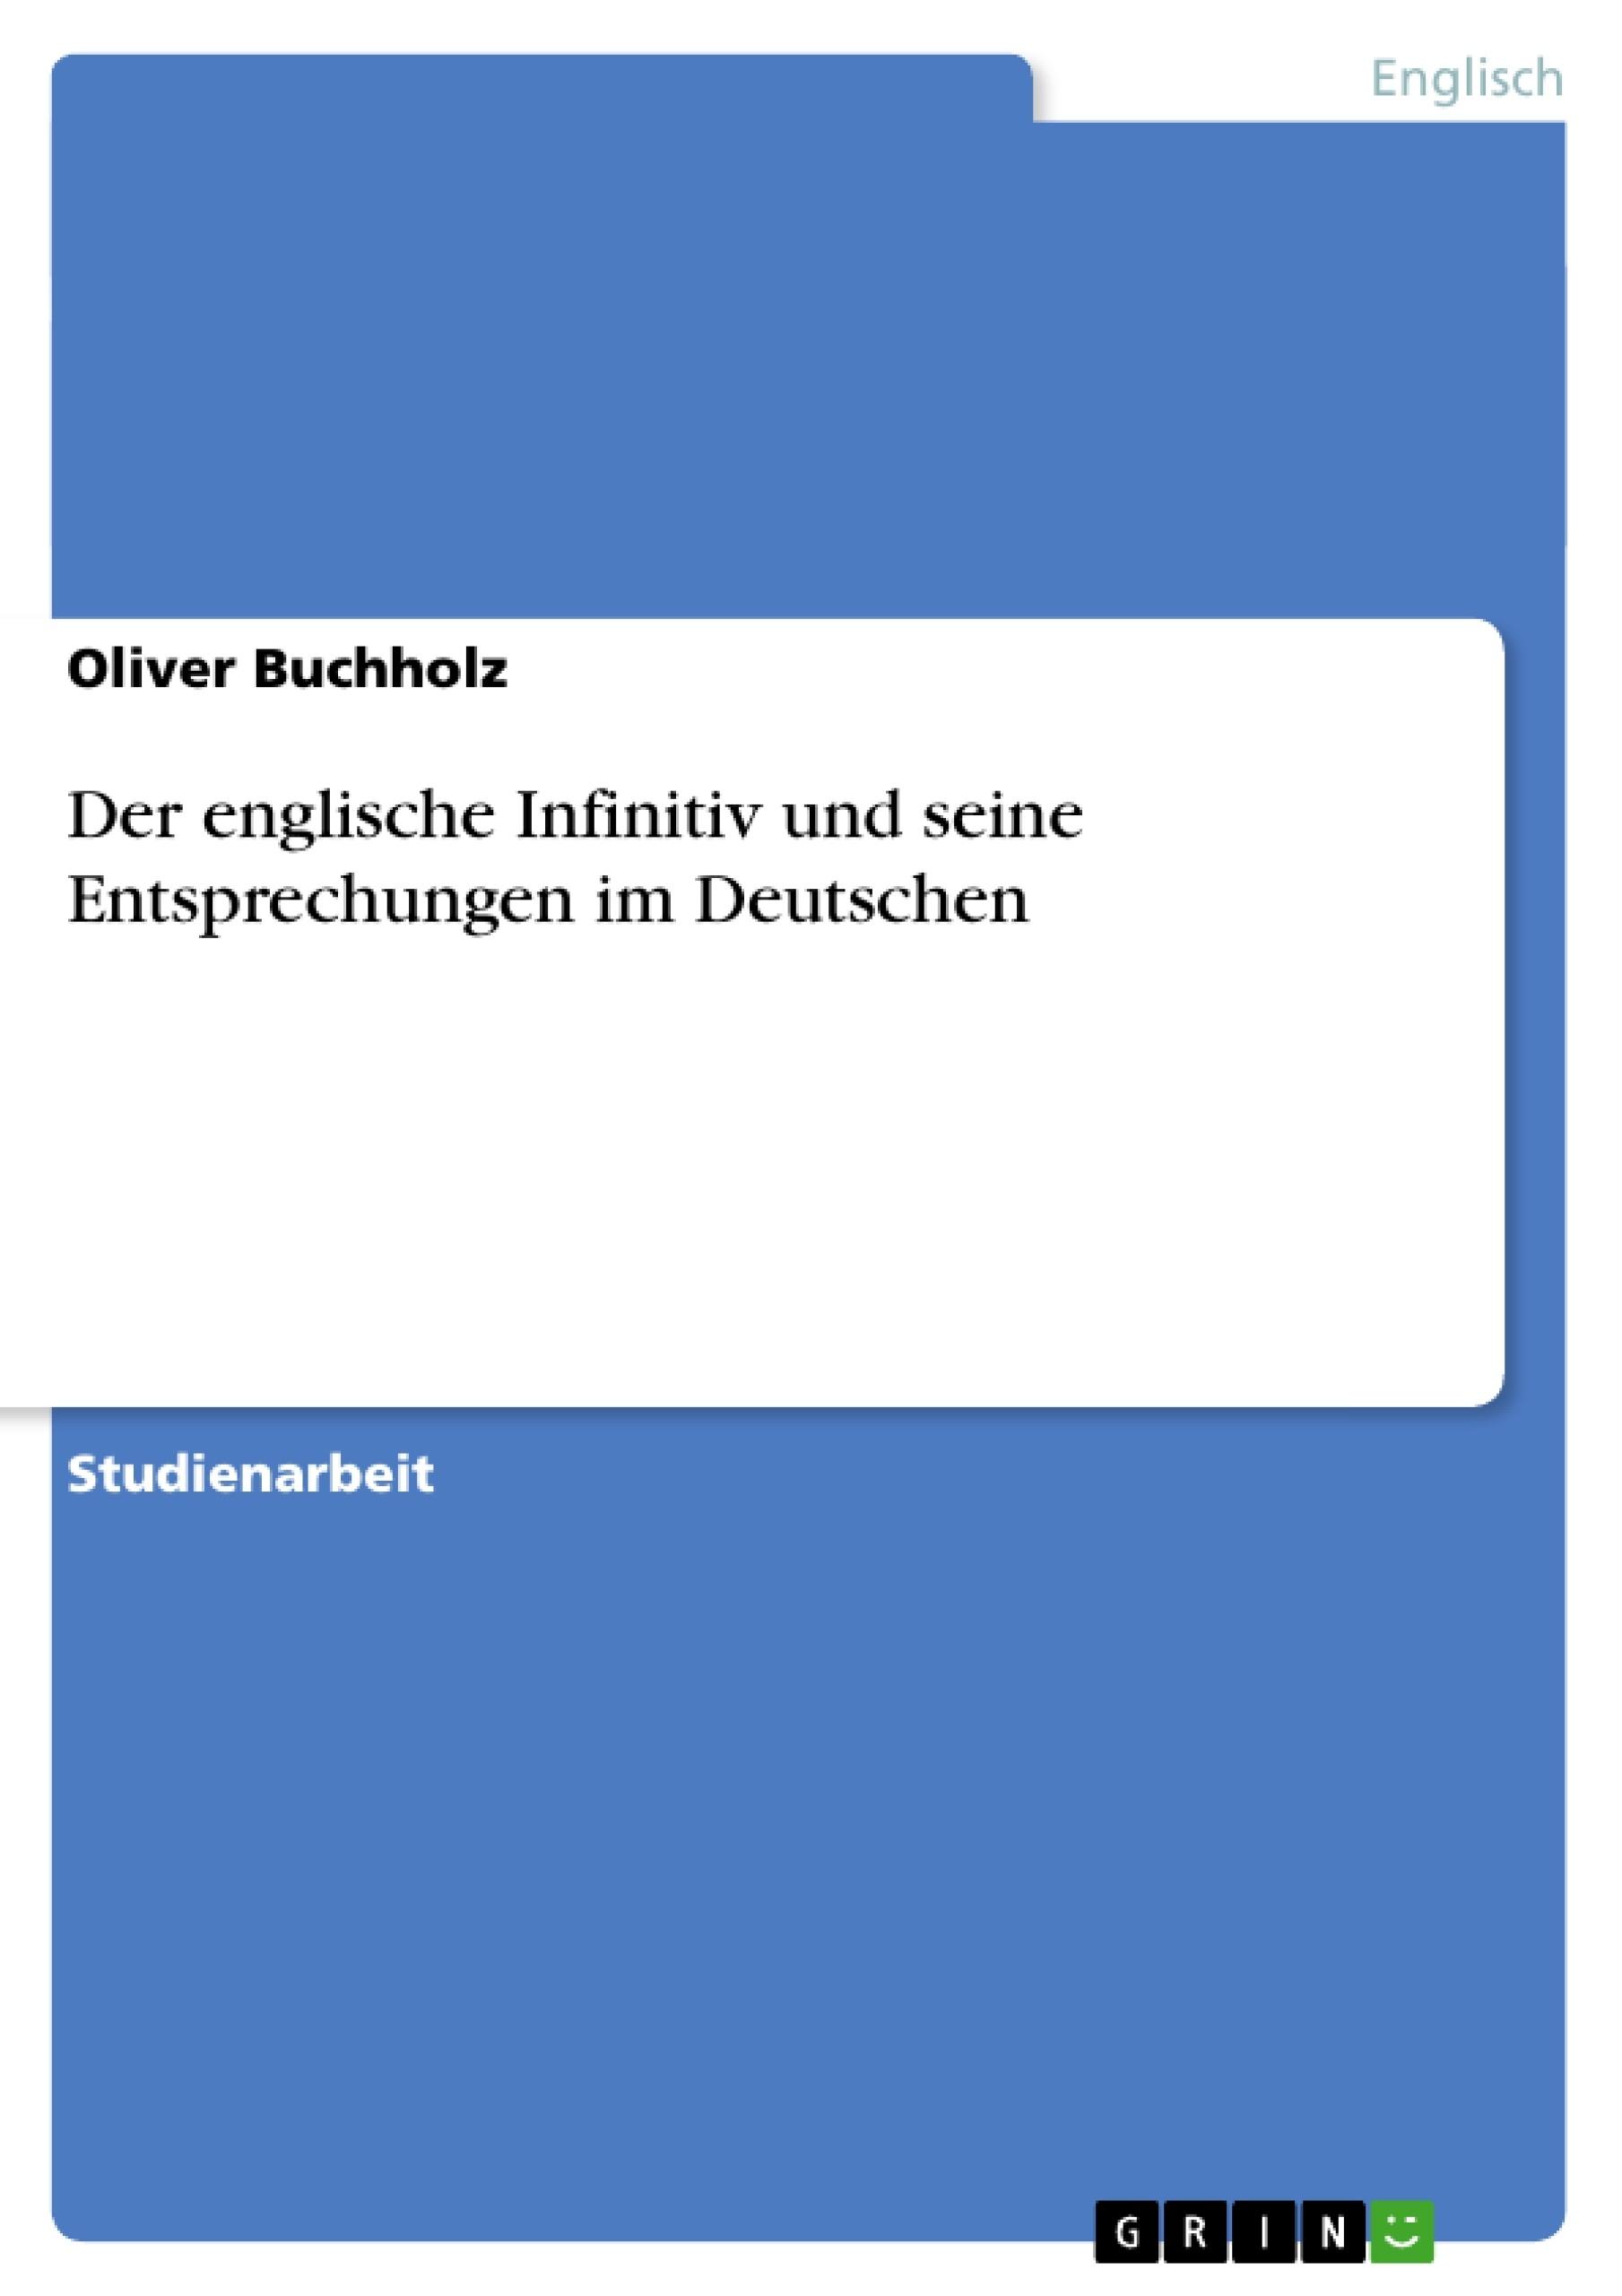 Titel: Der englische Infinitiv und seine Entsprechungen im Deutschen